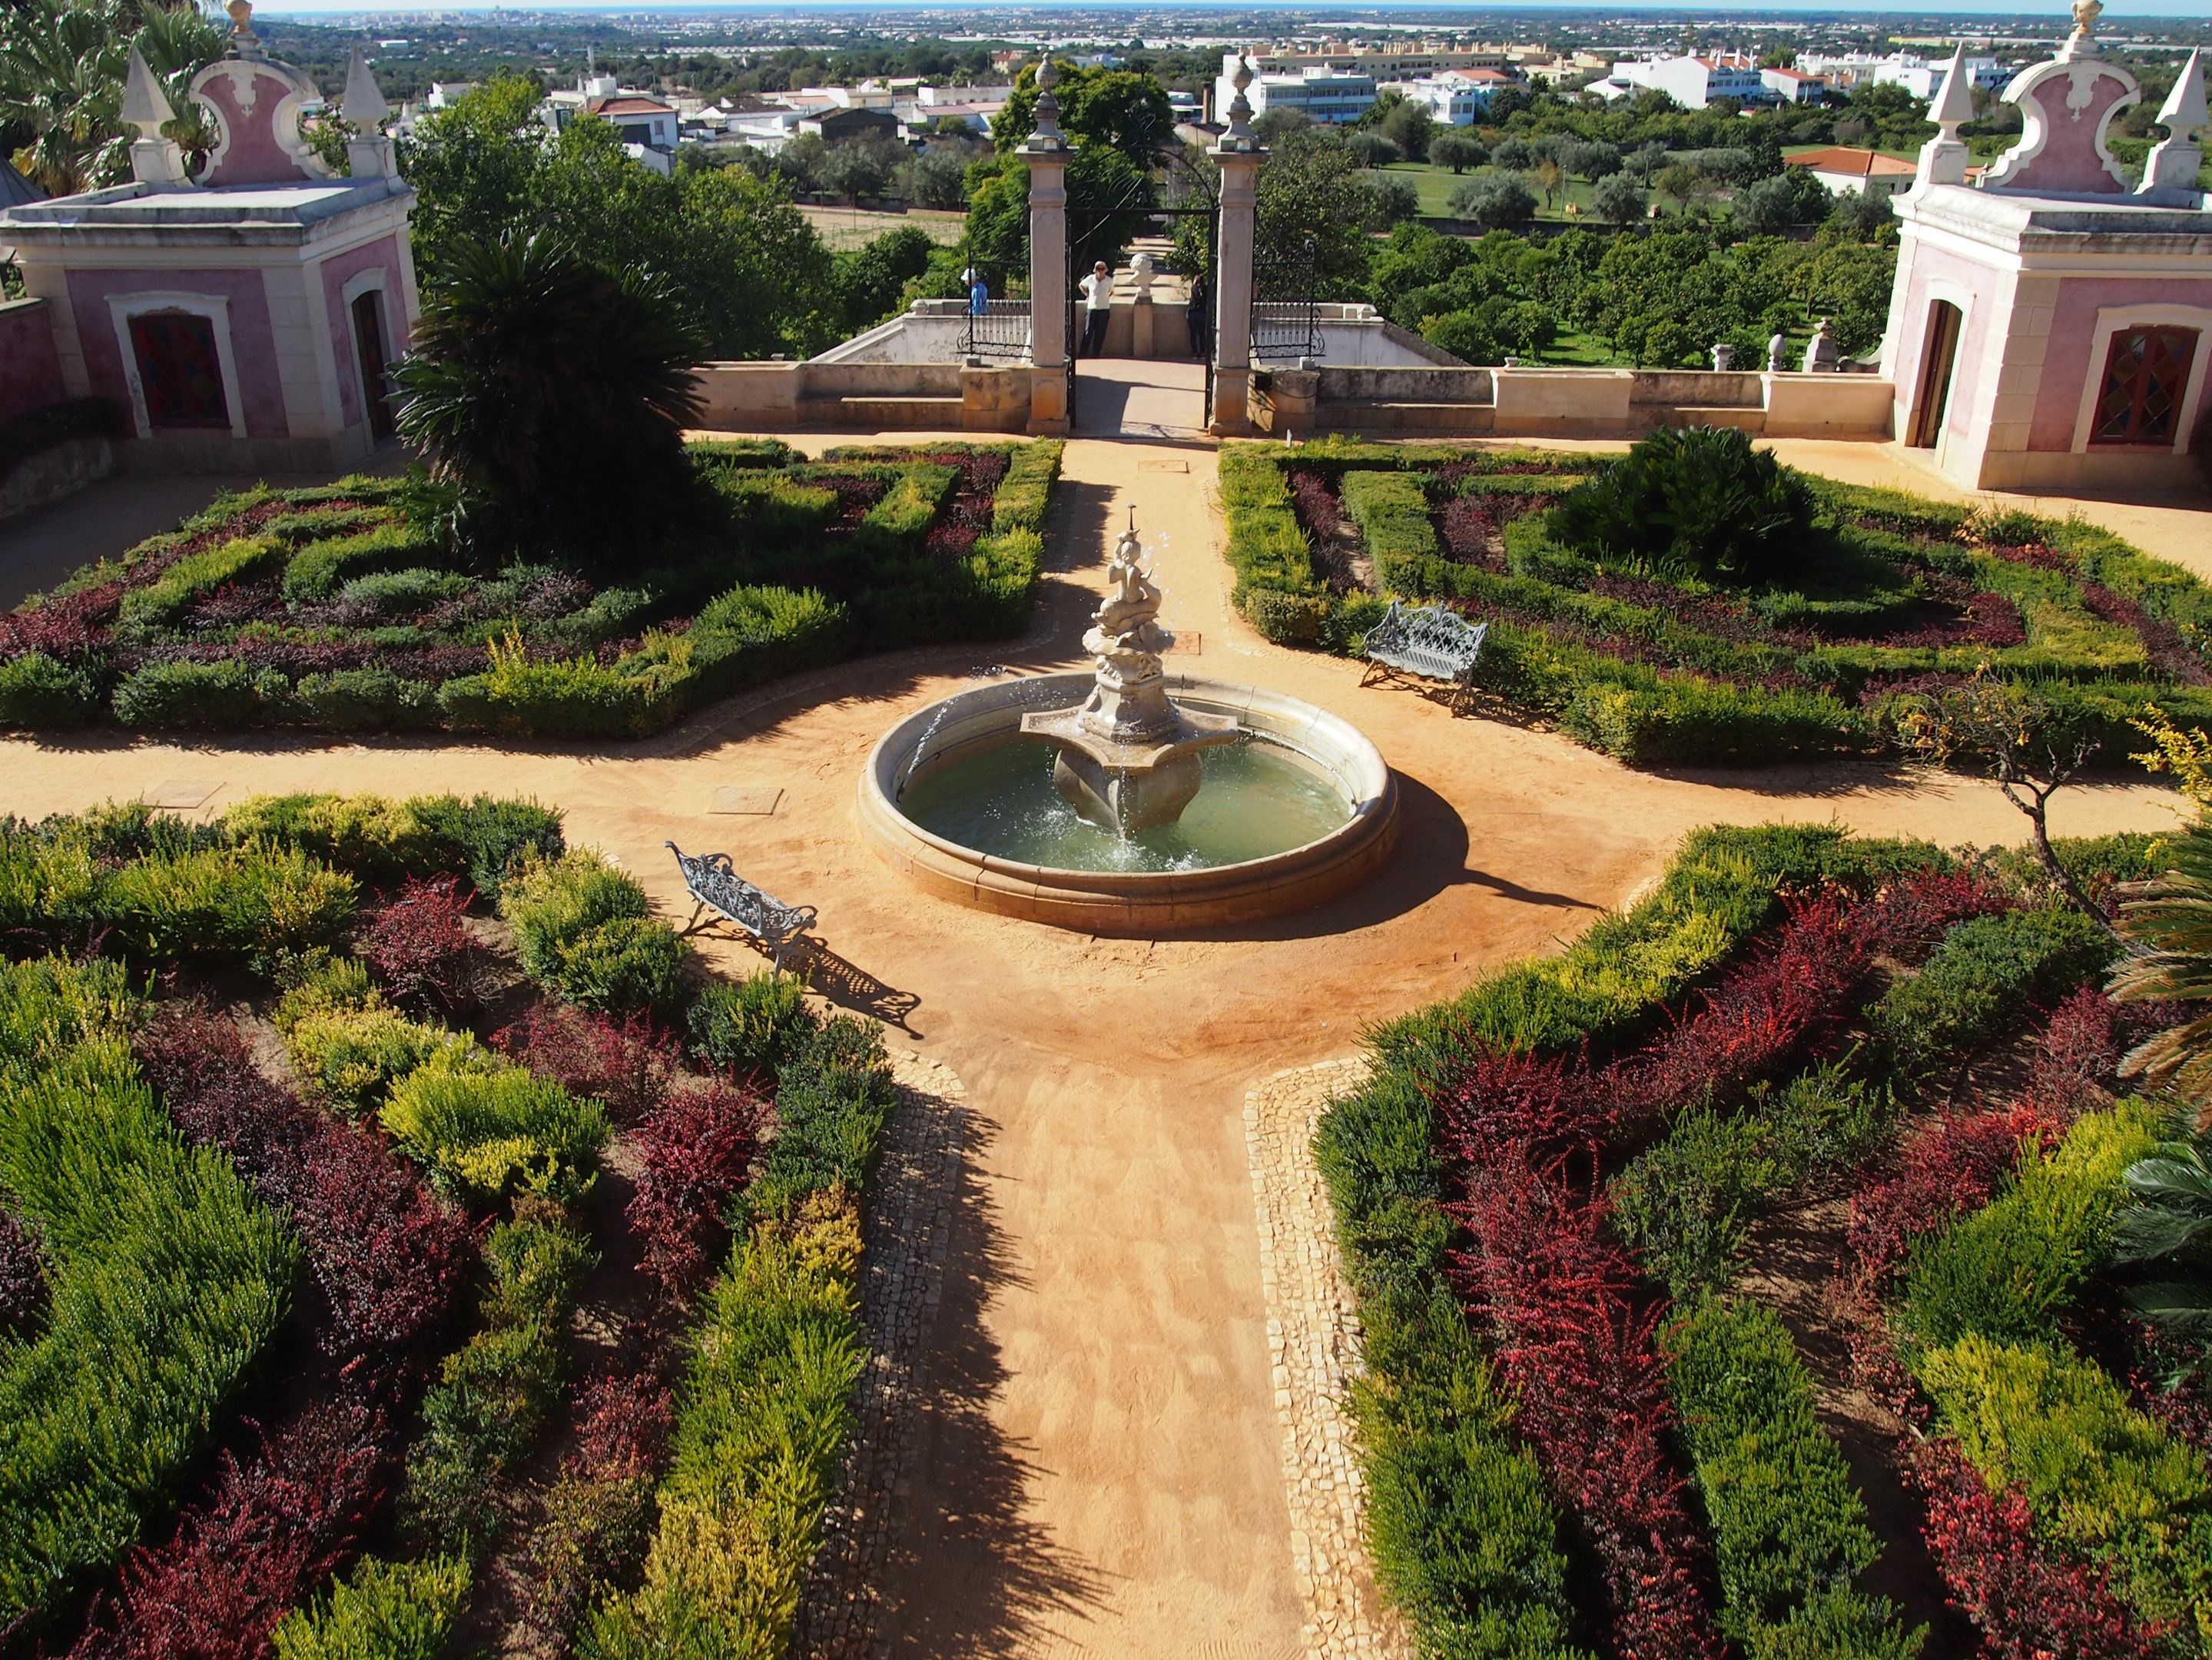 Estoi Palace gardens, Algarve